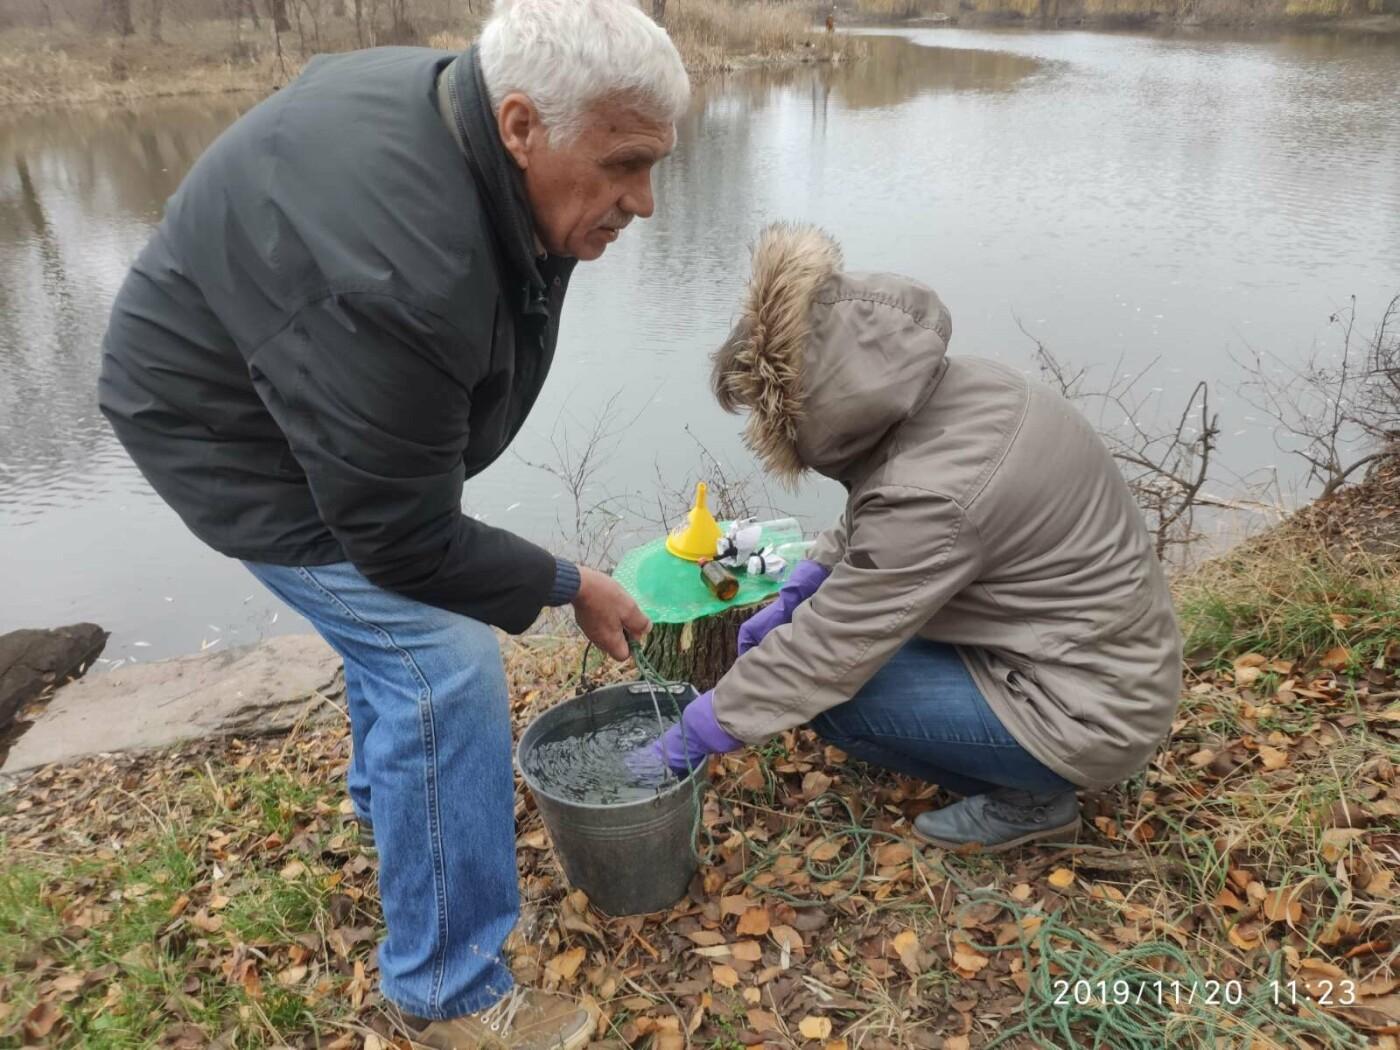 Во время отбора проб воды криворожские экологи обнаружили сброс бытовых стоков в реку Саксагань, - ФОТО, фото-3